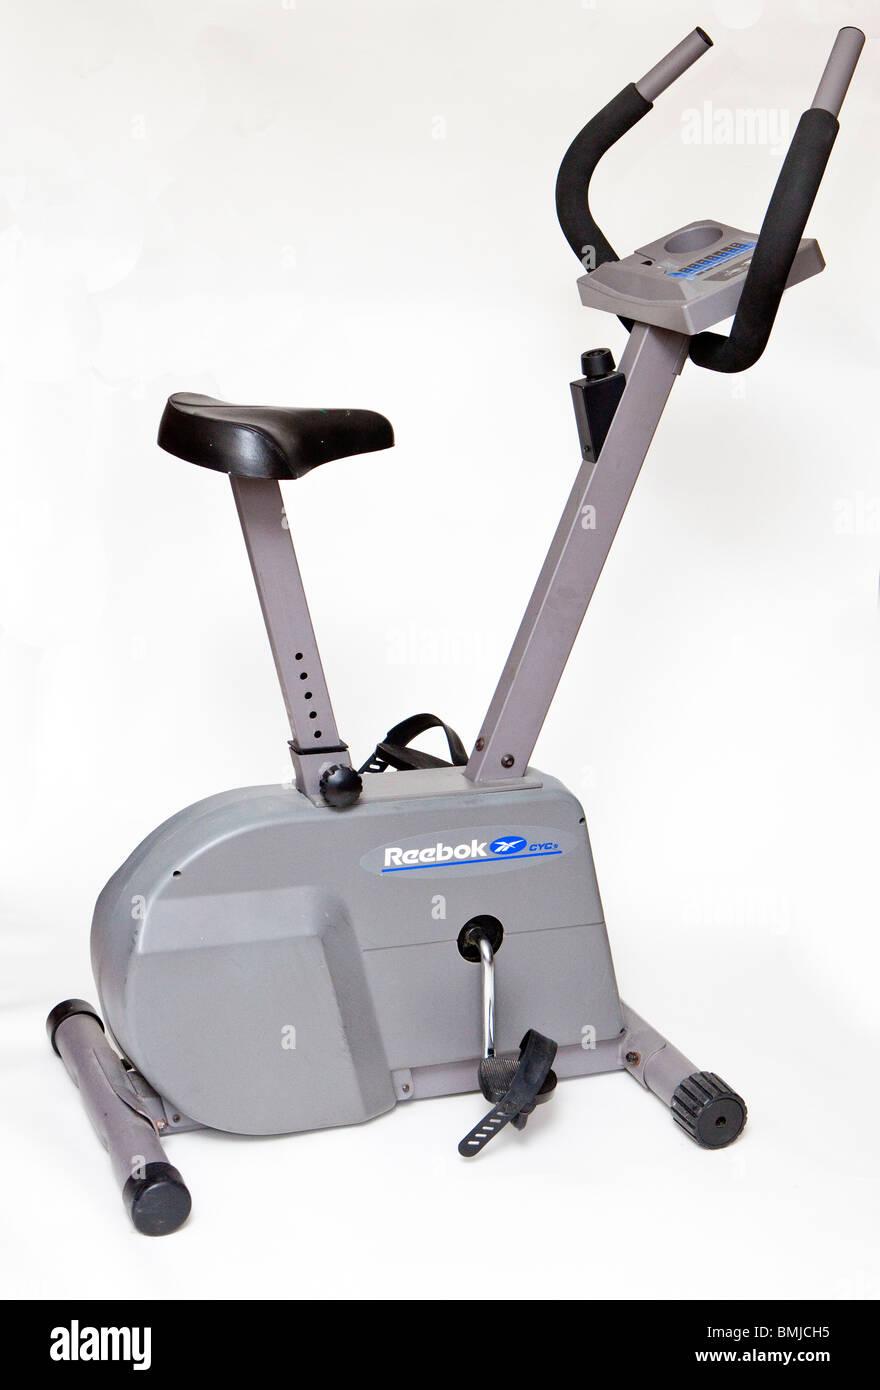 Bicicleta estática, inmóvil, bicicleta, equipo de ejercicio, gimnasio, bicicletas, corte, blanco Imagen De Stock